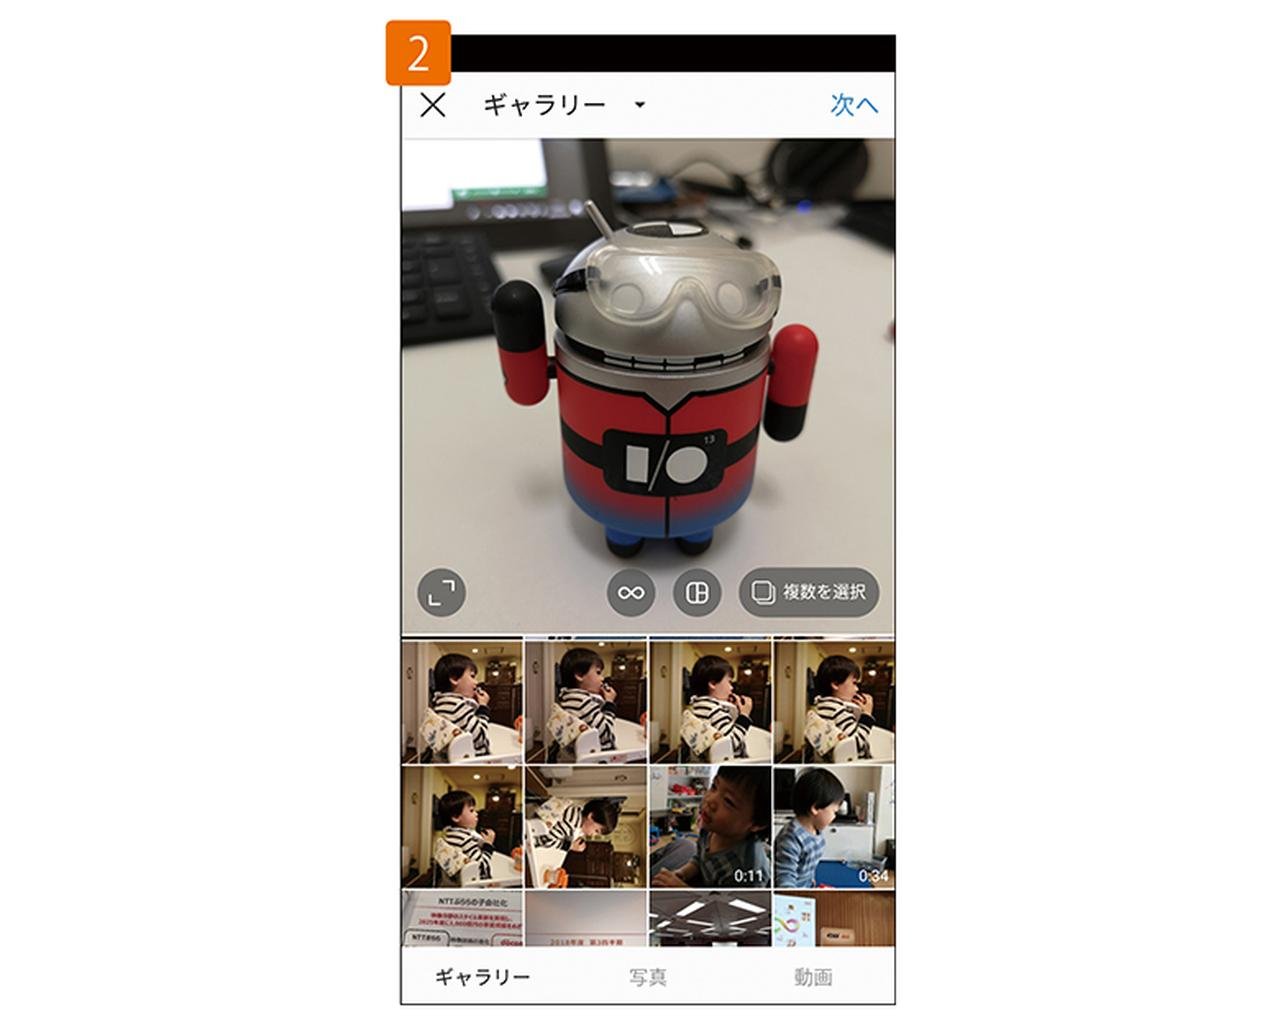 画像: 画面下半分のサムネールをスクロールして、投稿したい写真を選択。上半分に表示されている画像にトリミングをかけることができる。